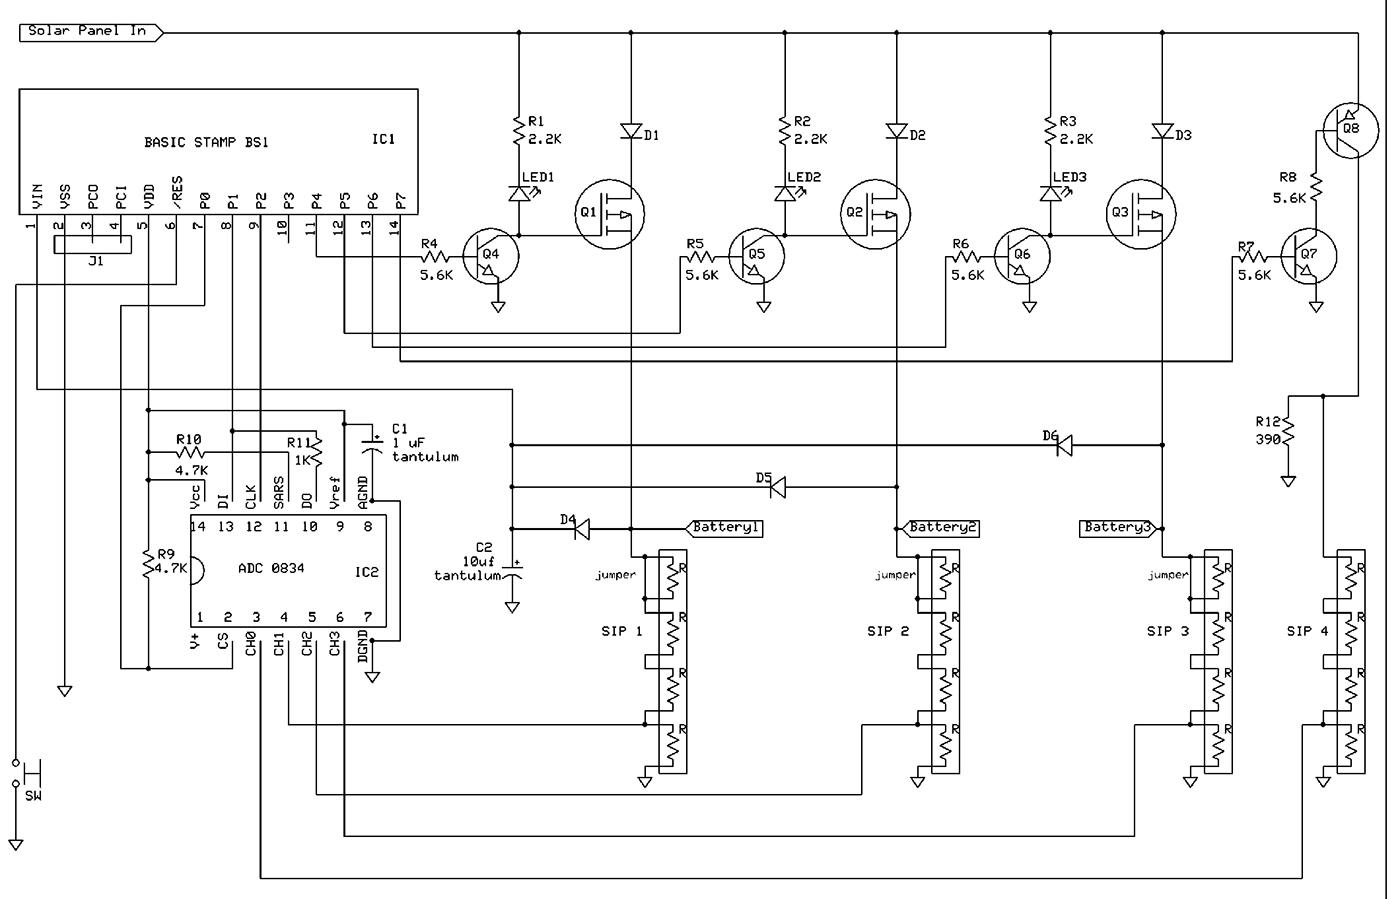 garage door opener circuit board schematic